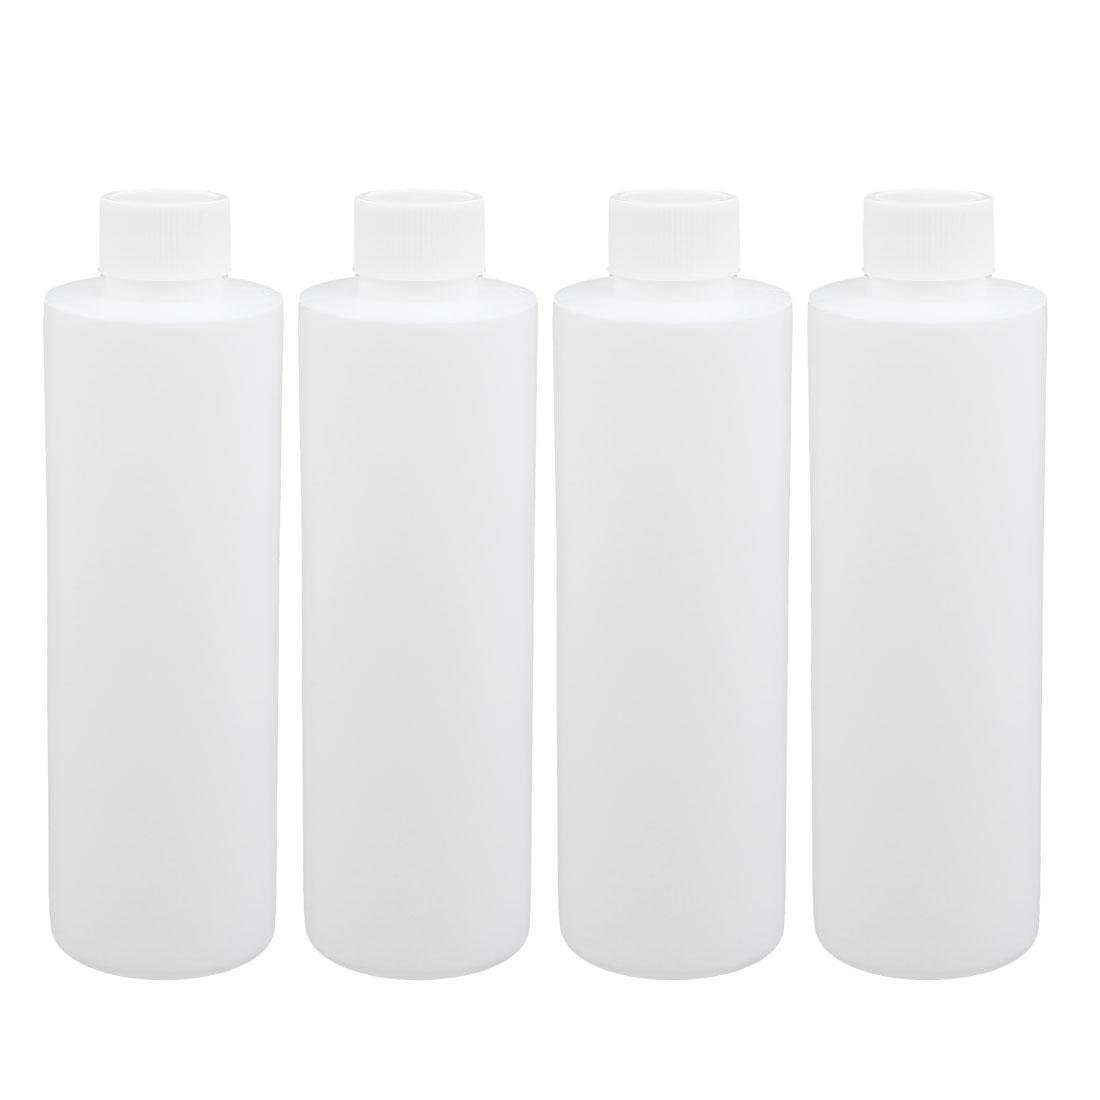 4Pcs 200ml Plastic White Round Solid Powder Bottle Storage Container Jar